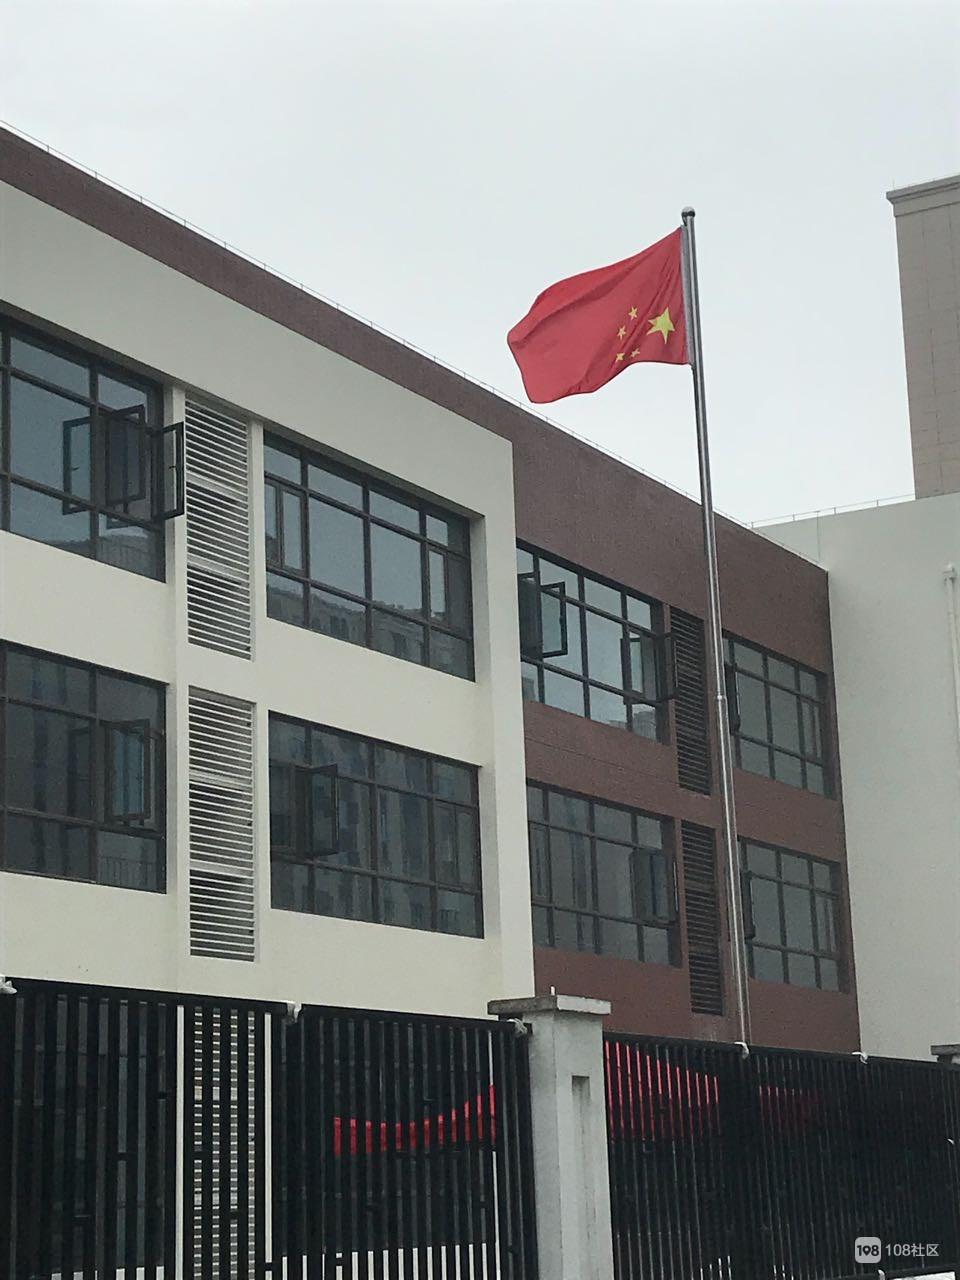 曝光!花港家园升着一面倒挂的国旗,已经整整一周